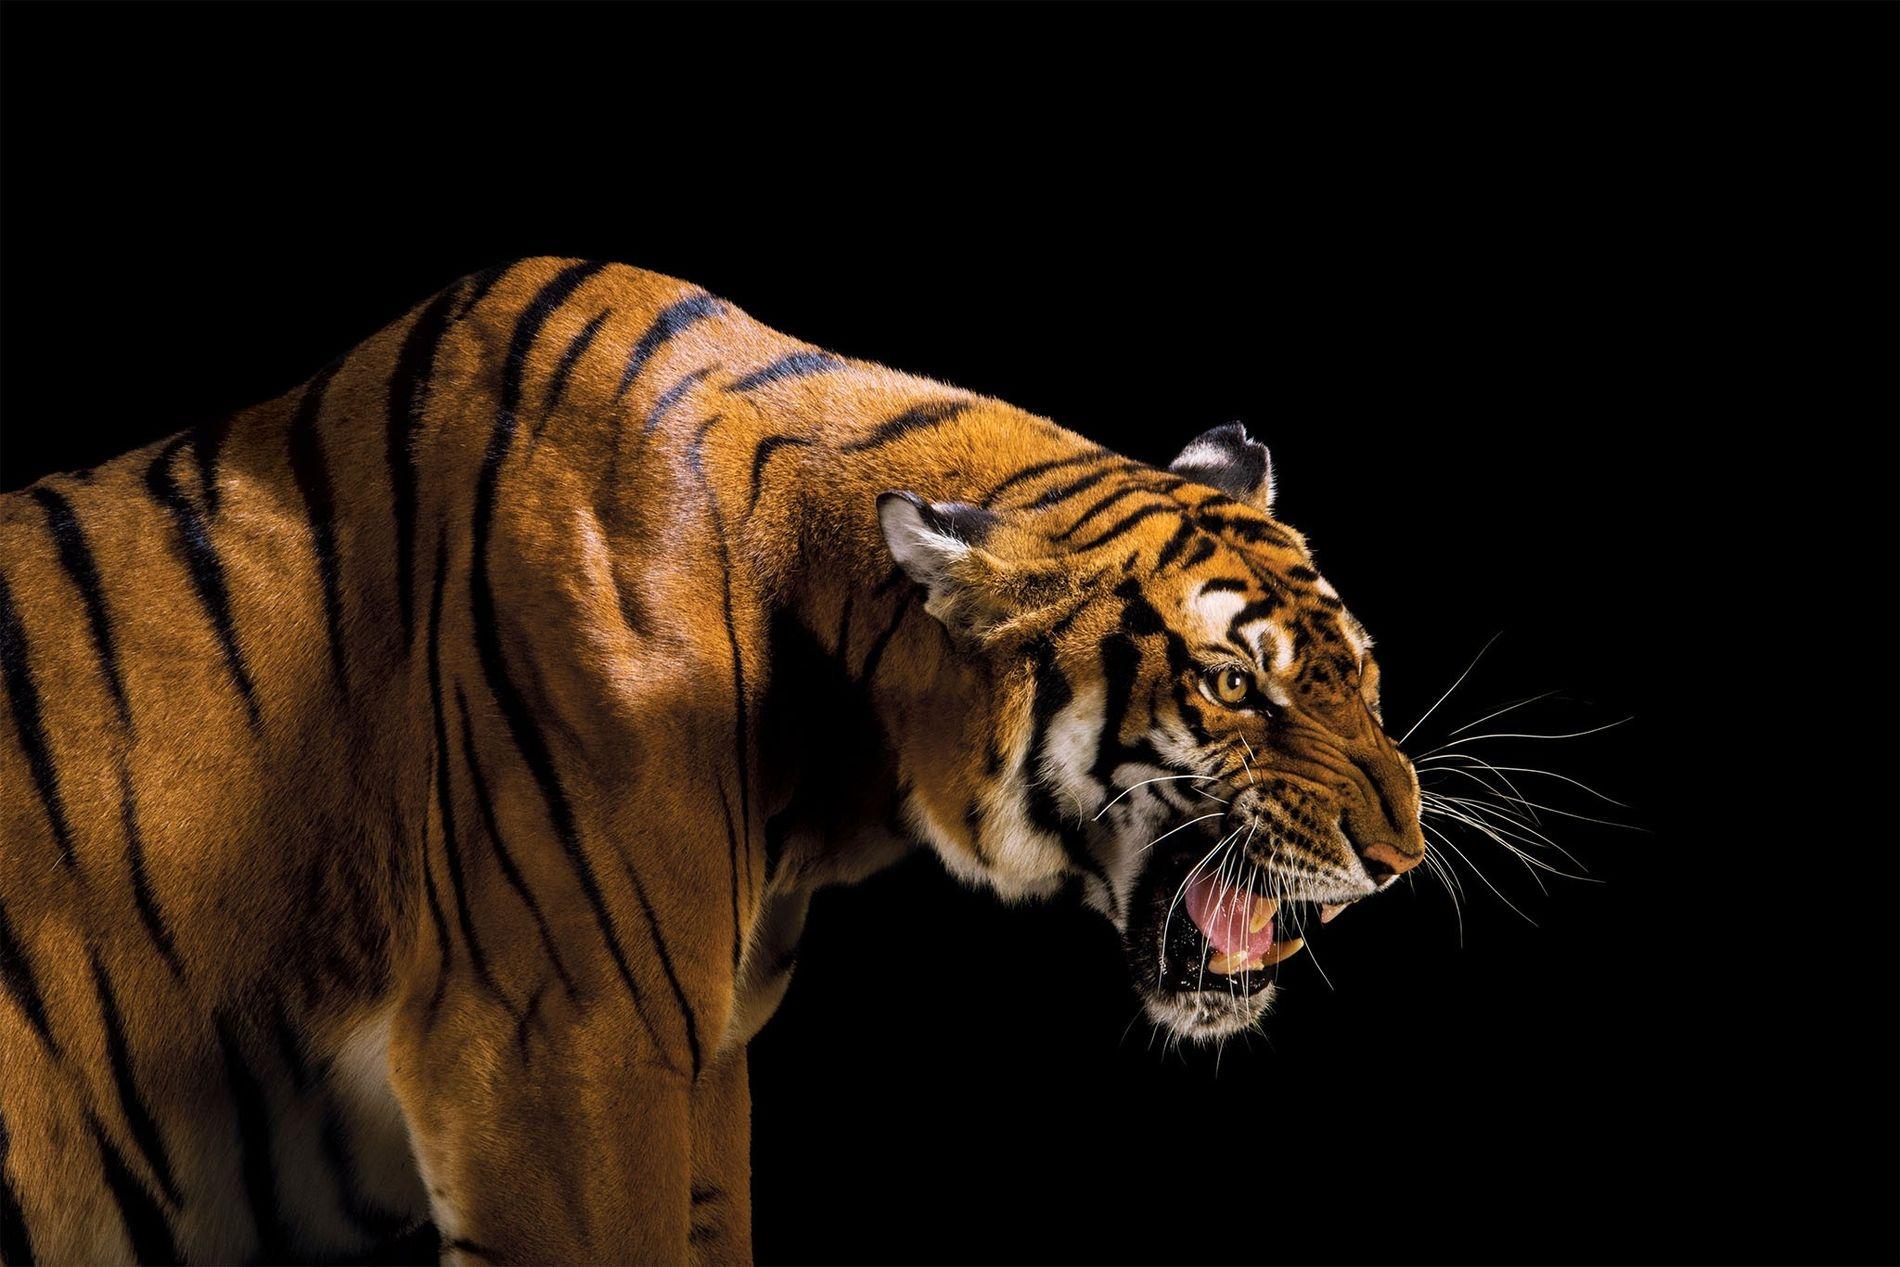 O tigre-da-china não é visto na natureza (Panthera tigris amoyensis) há mais de uma década. Em perigo crítico de extinção, ele possivelmente está extinto na natureza. Os zoológicos possuem menos de 200 indivíduos em programas de reprodução. Se o plano chinês de devolver alguns à natureza fracassar, essa poderá se tornar a quarta subespécie de tigre a ser extinta.